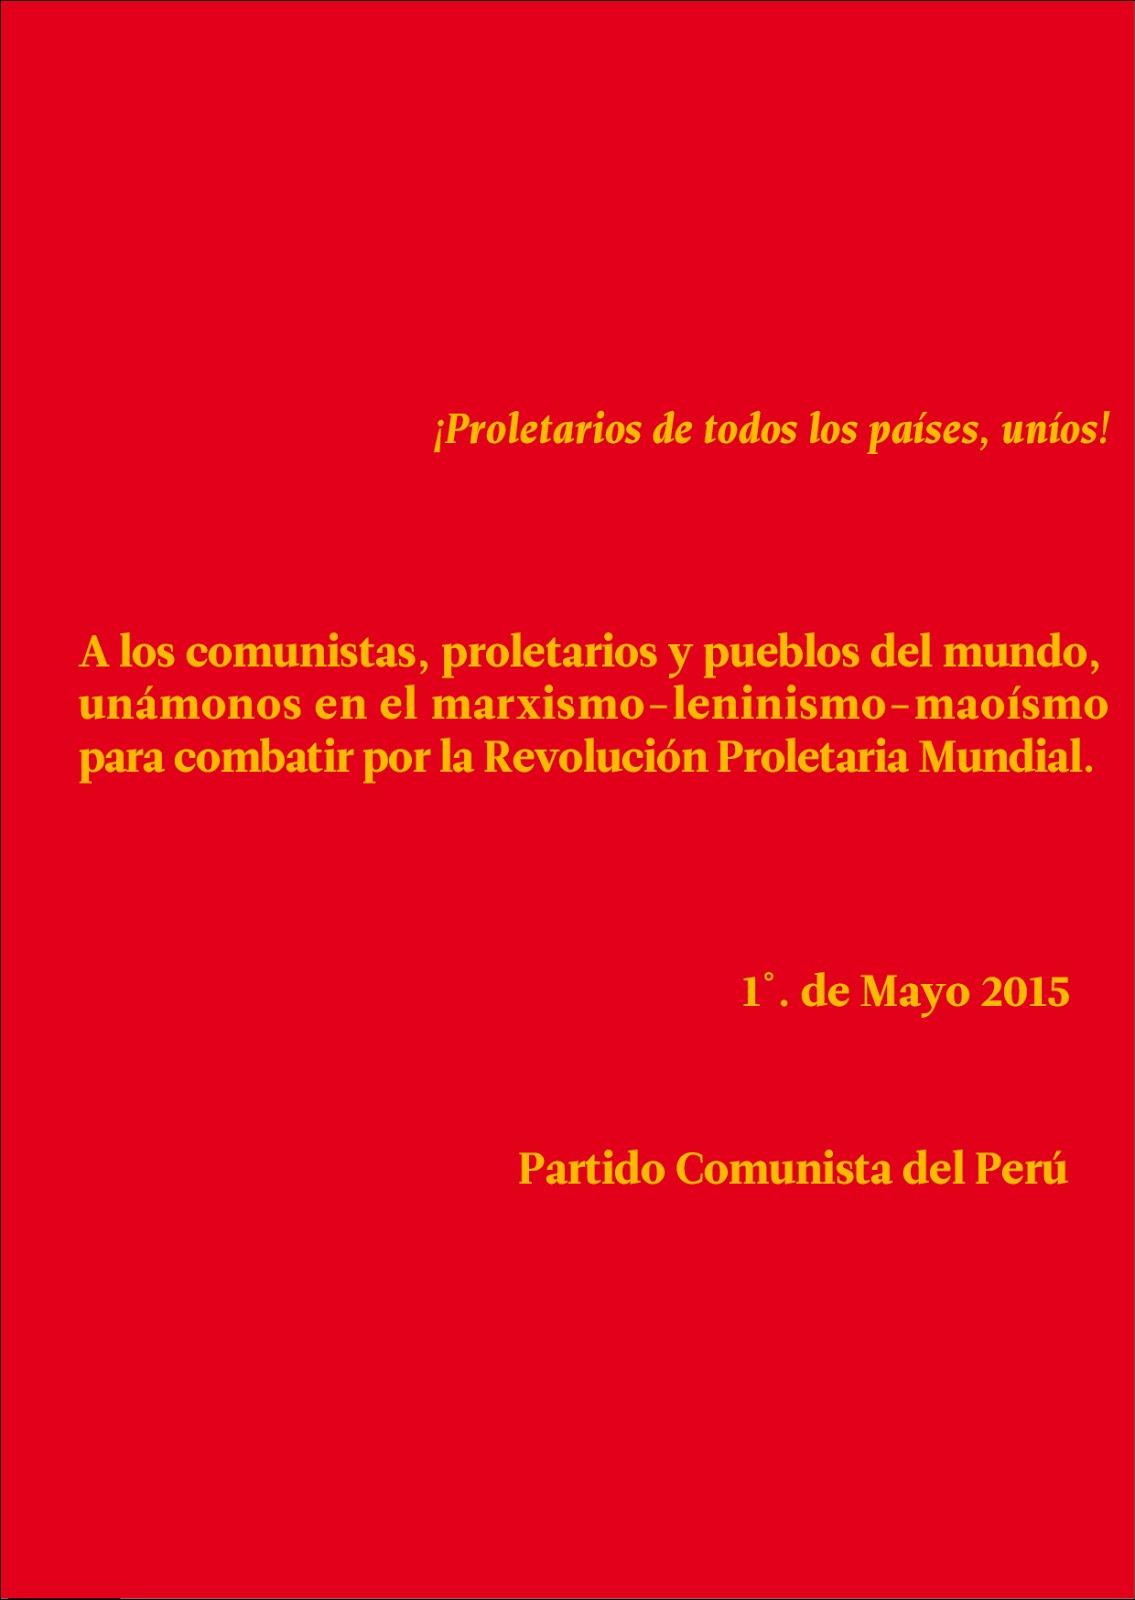 Partido Comunista del Perú - 1º. de Mayo 2015 1_-01